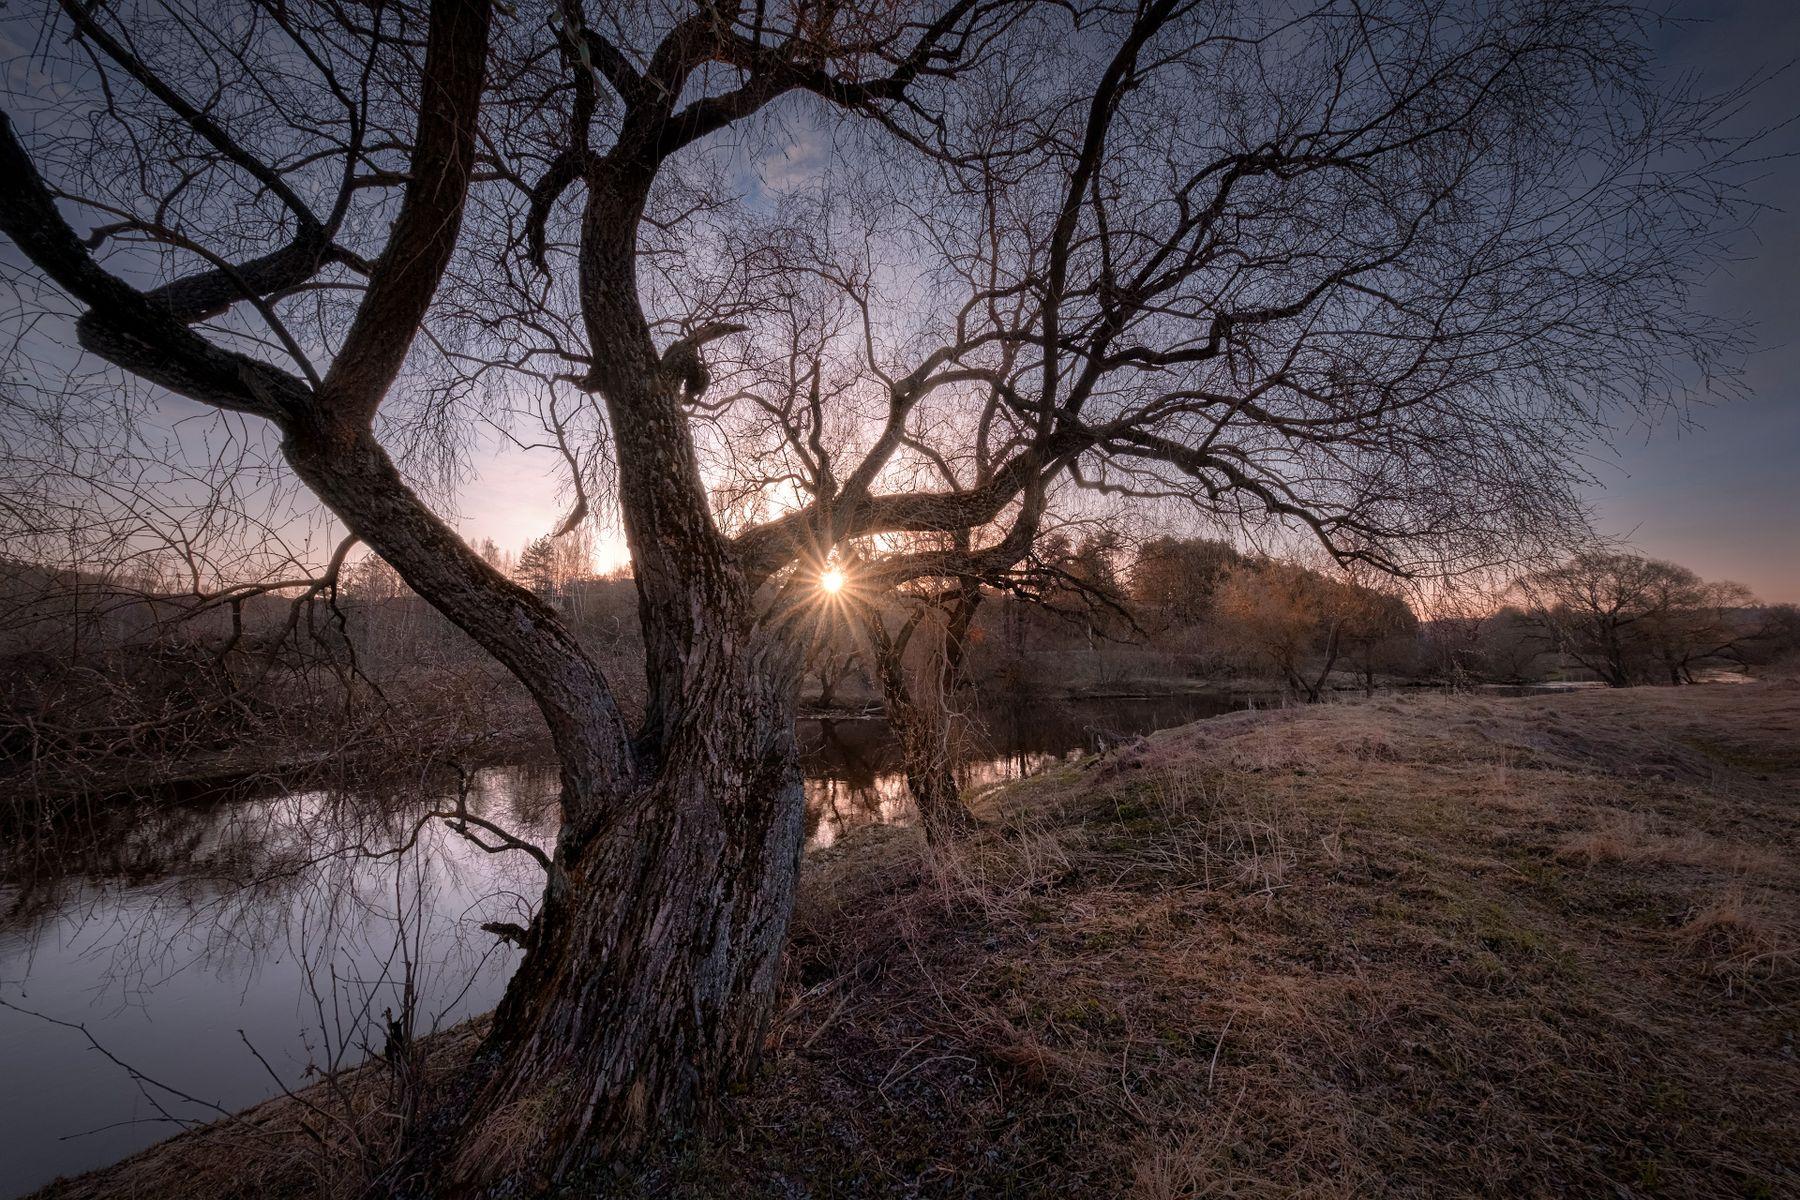 Весна старого великана река истра утро дерево рассвет вода пейзаж